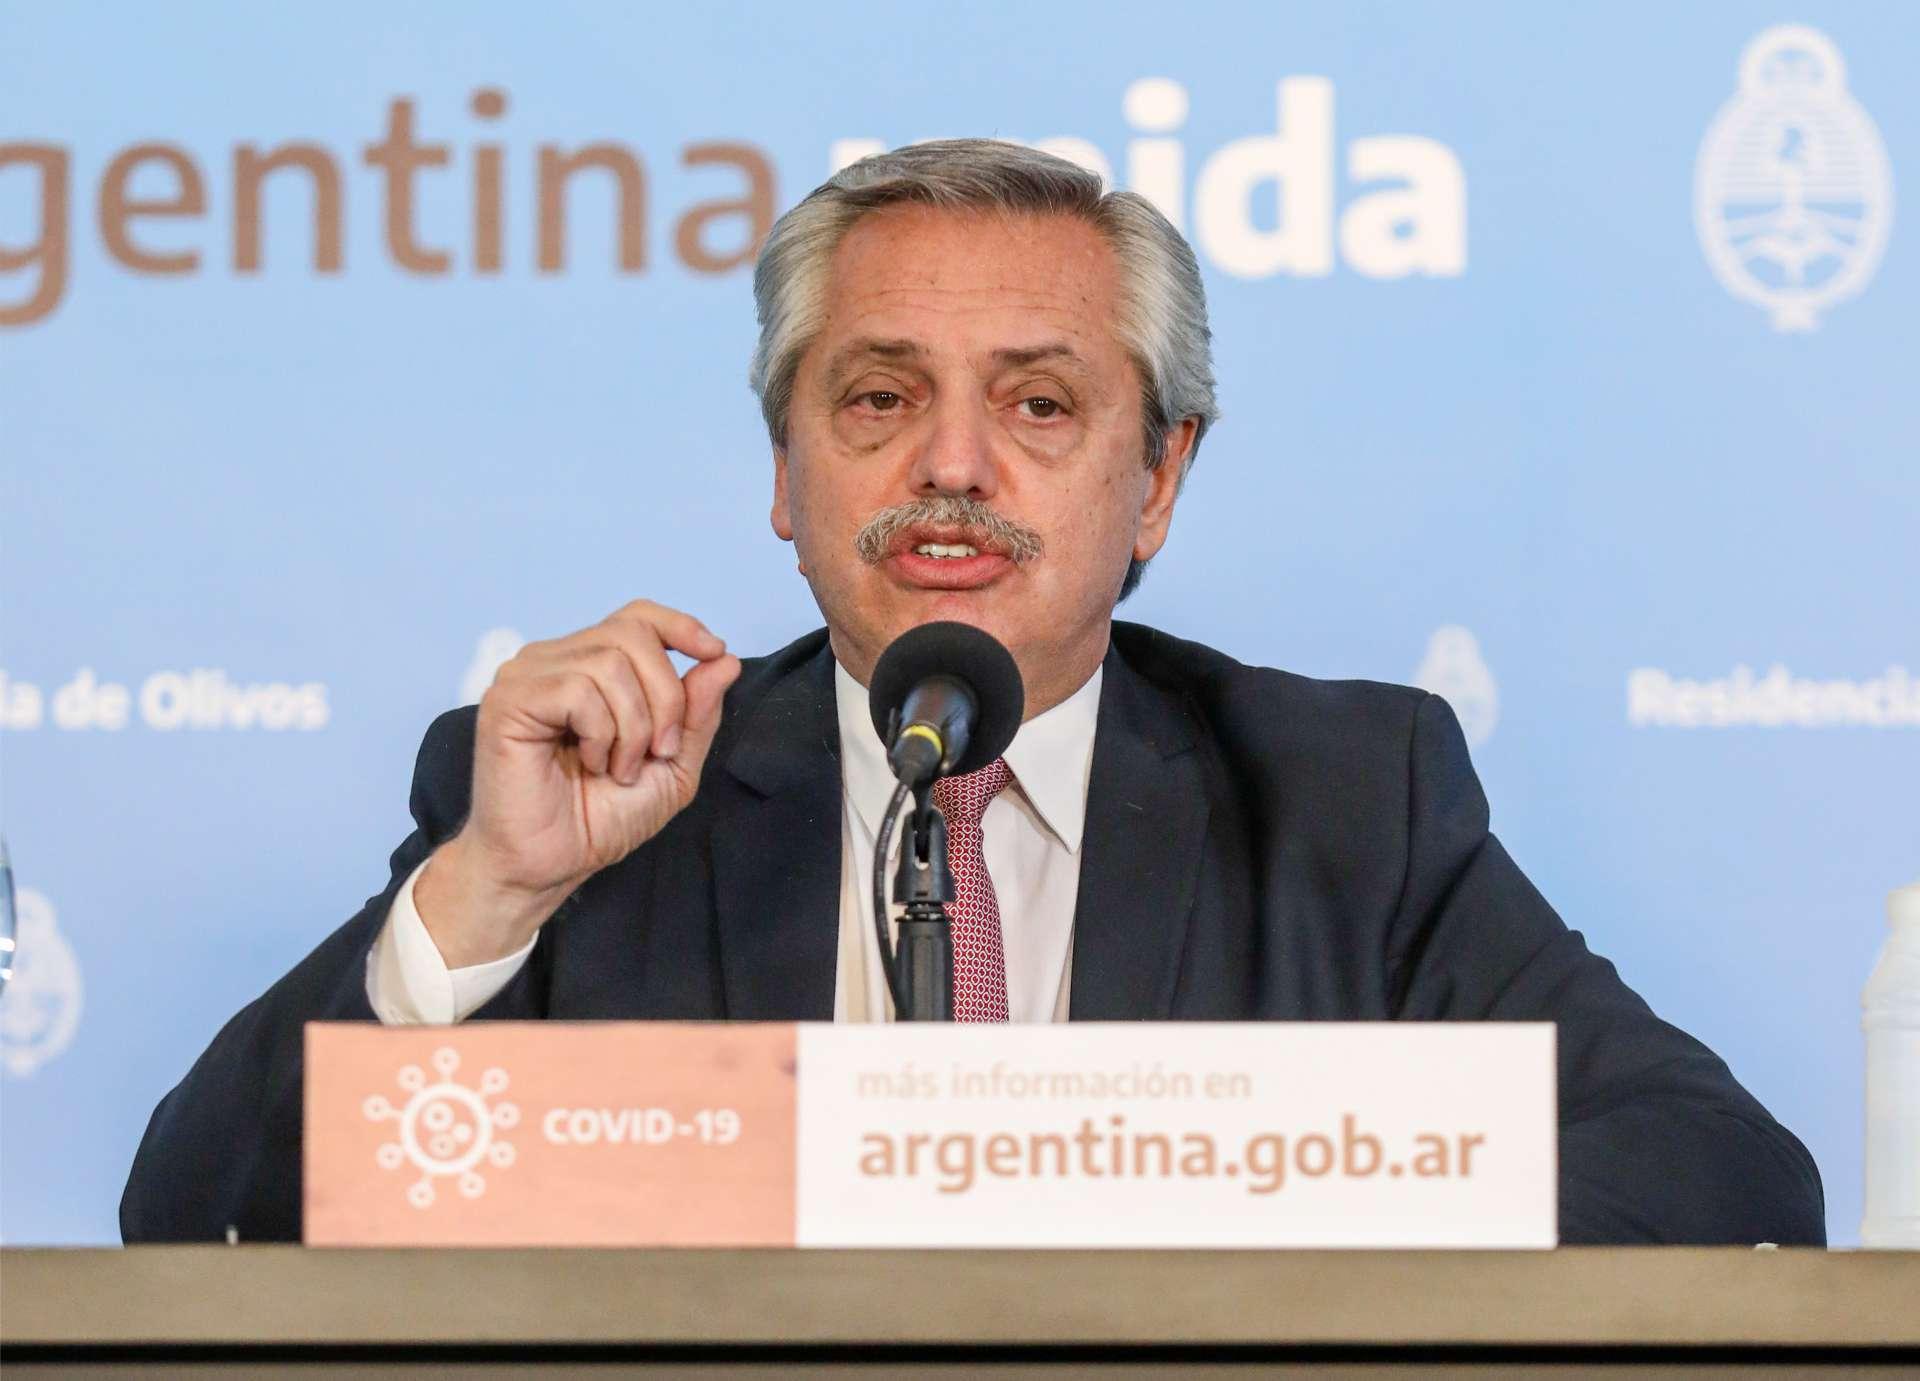 PRESIDIDA por Alberto Fernández, a Argentina registrou até o momento 735 mortes por Covid-19 (Foto: Esteban Collazo / PRESIDENCIA ARGENTINA)